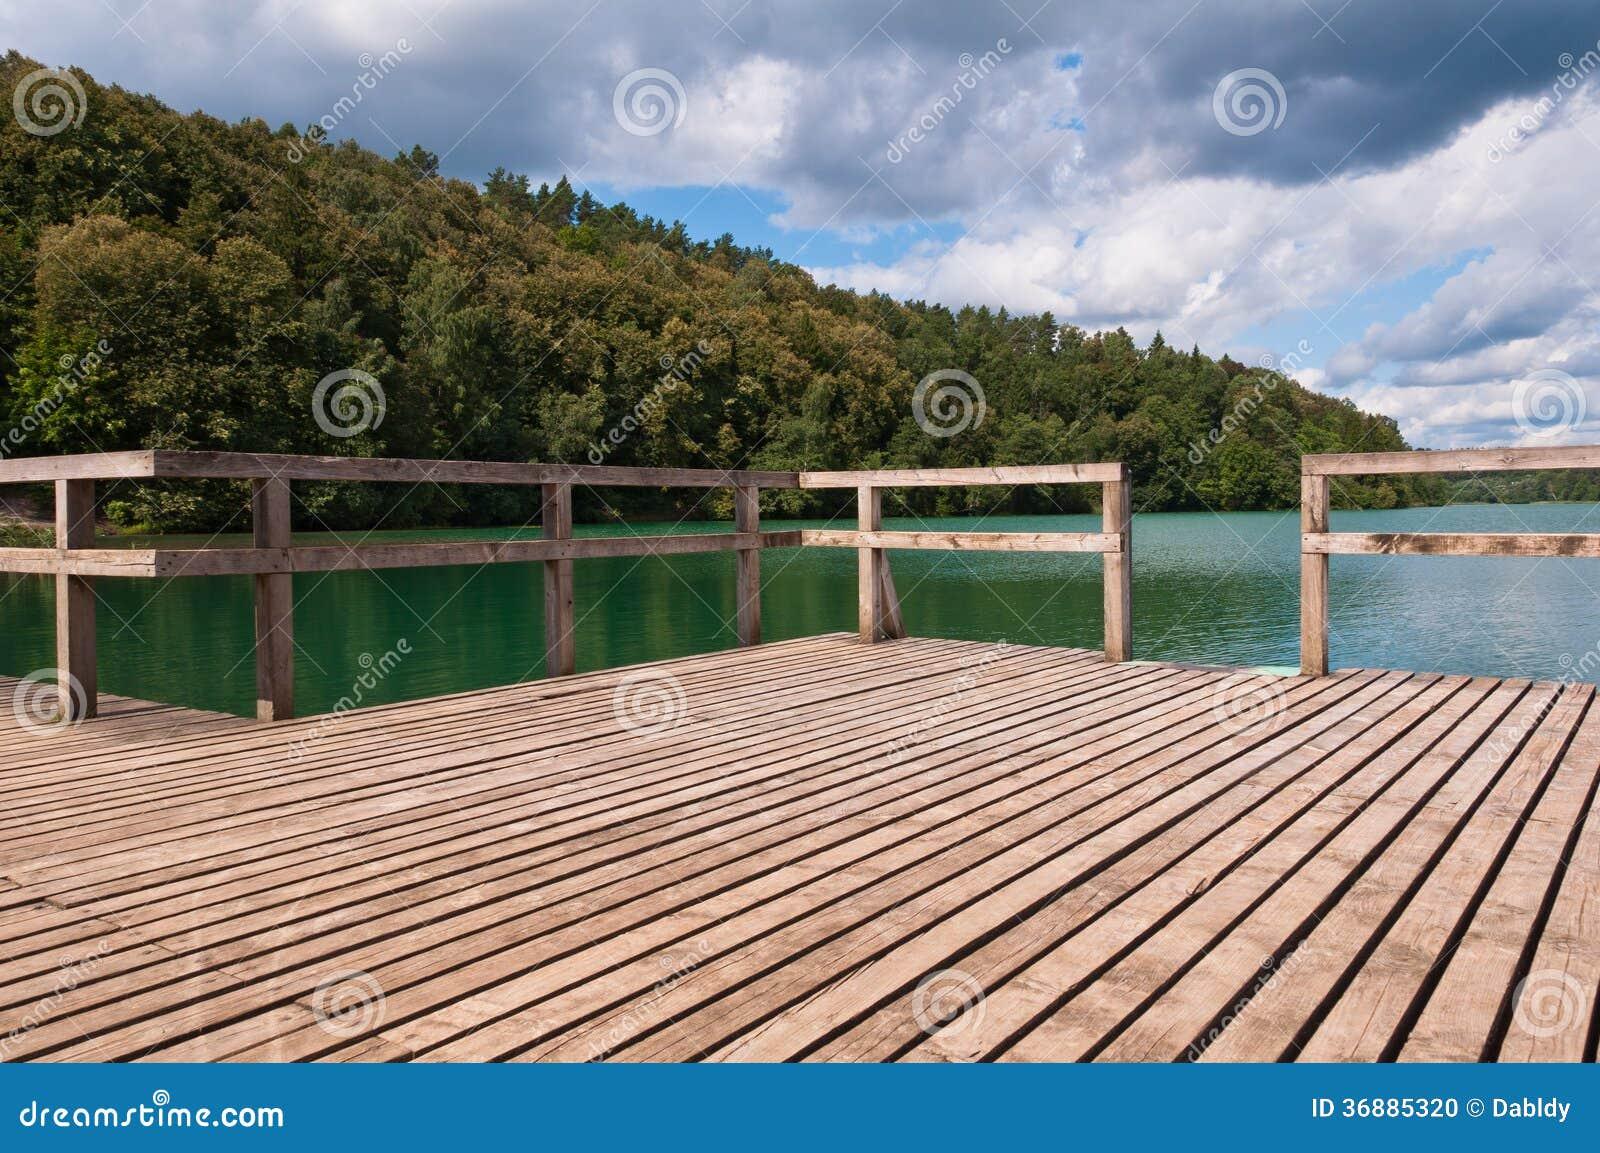 Download Pilastro nel lago fotografia stock. Immagine di esterno - 36885320